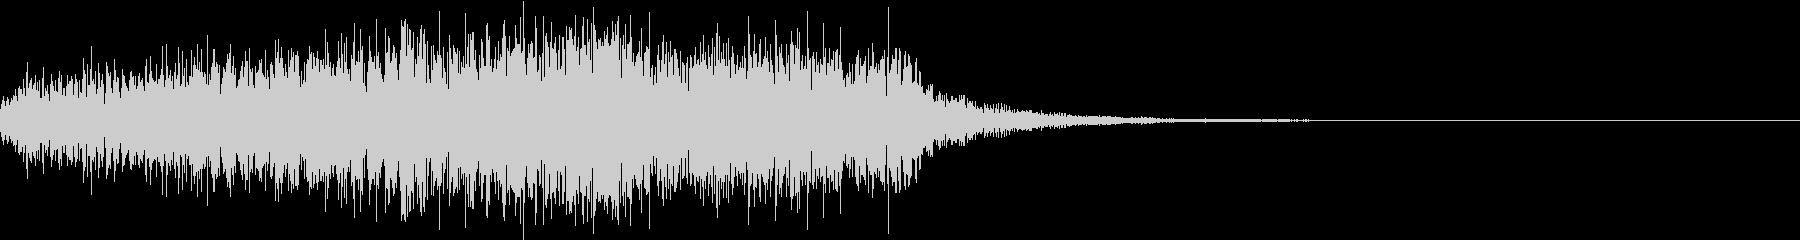 レベルUP(てれれれれー)の未再生の波形